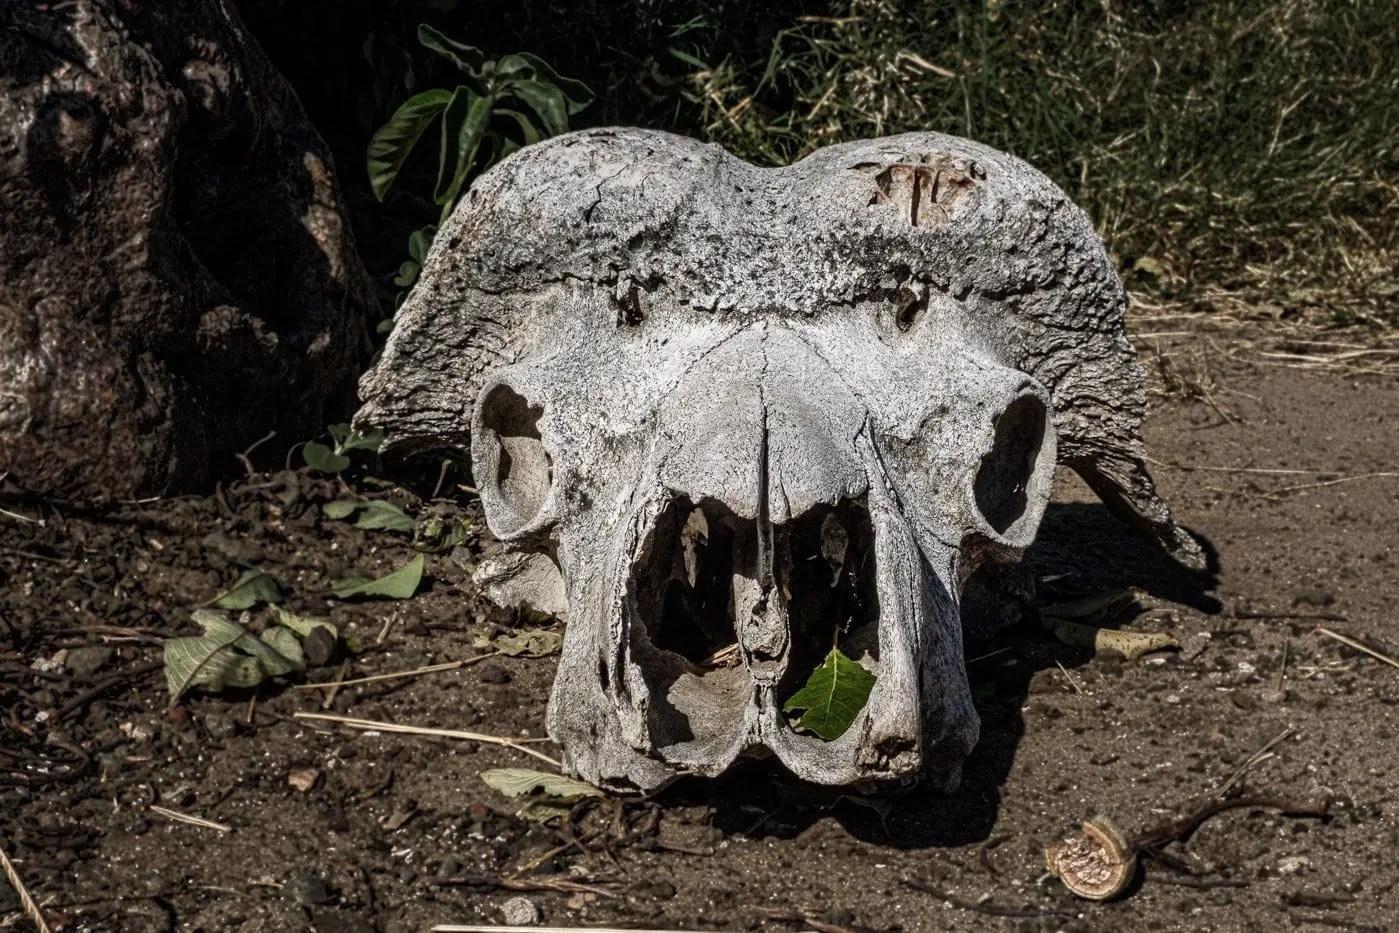 Teschio di elefante | Gabriele Orlini, ©2019